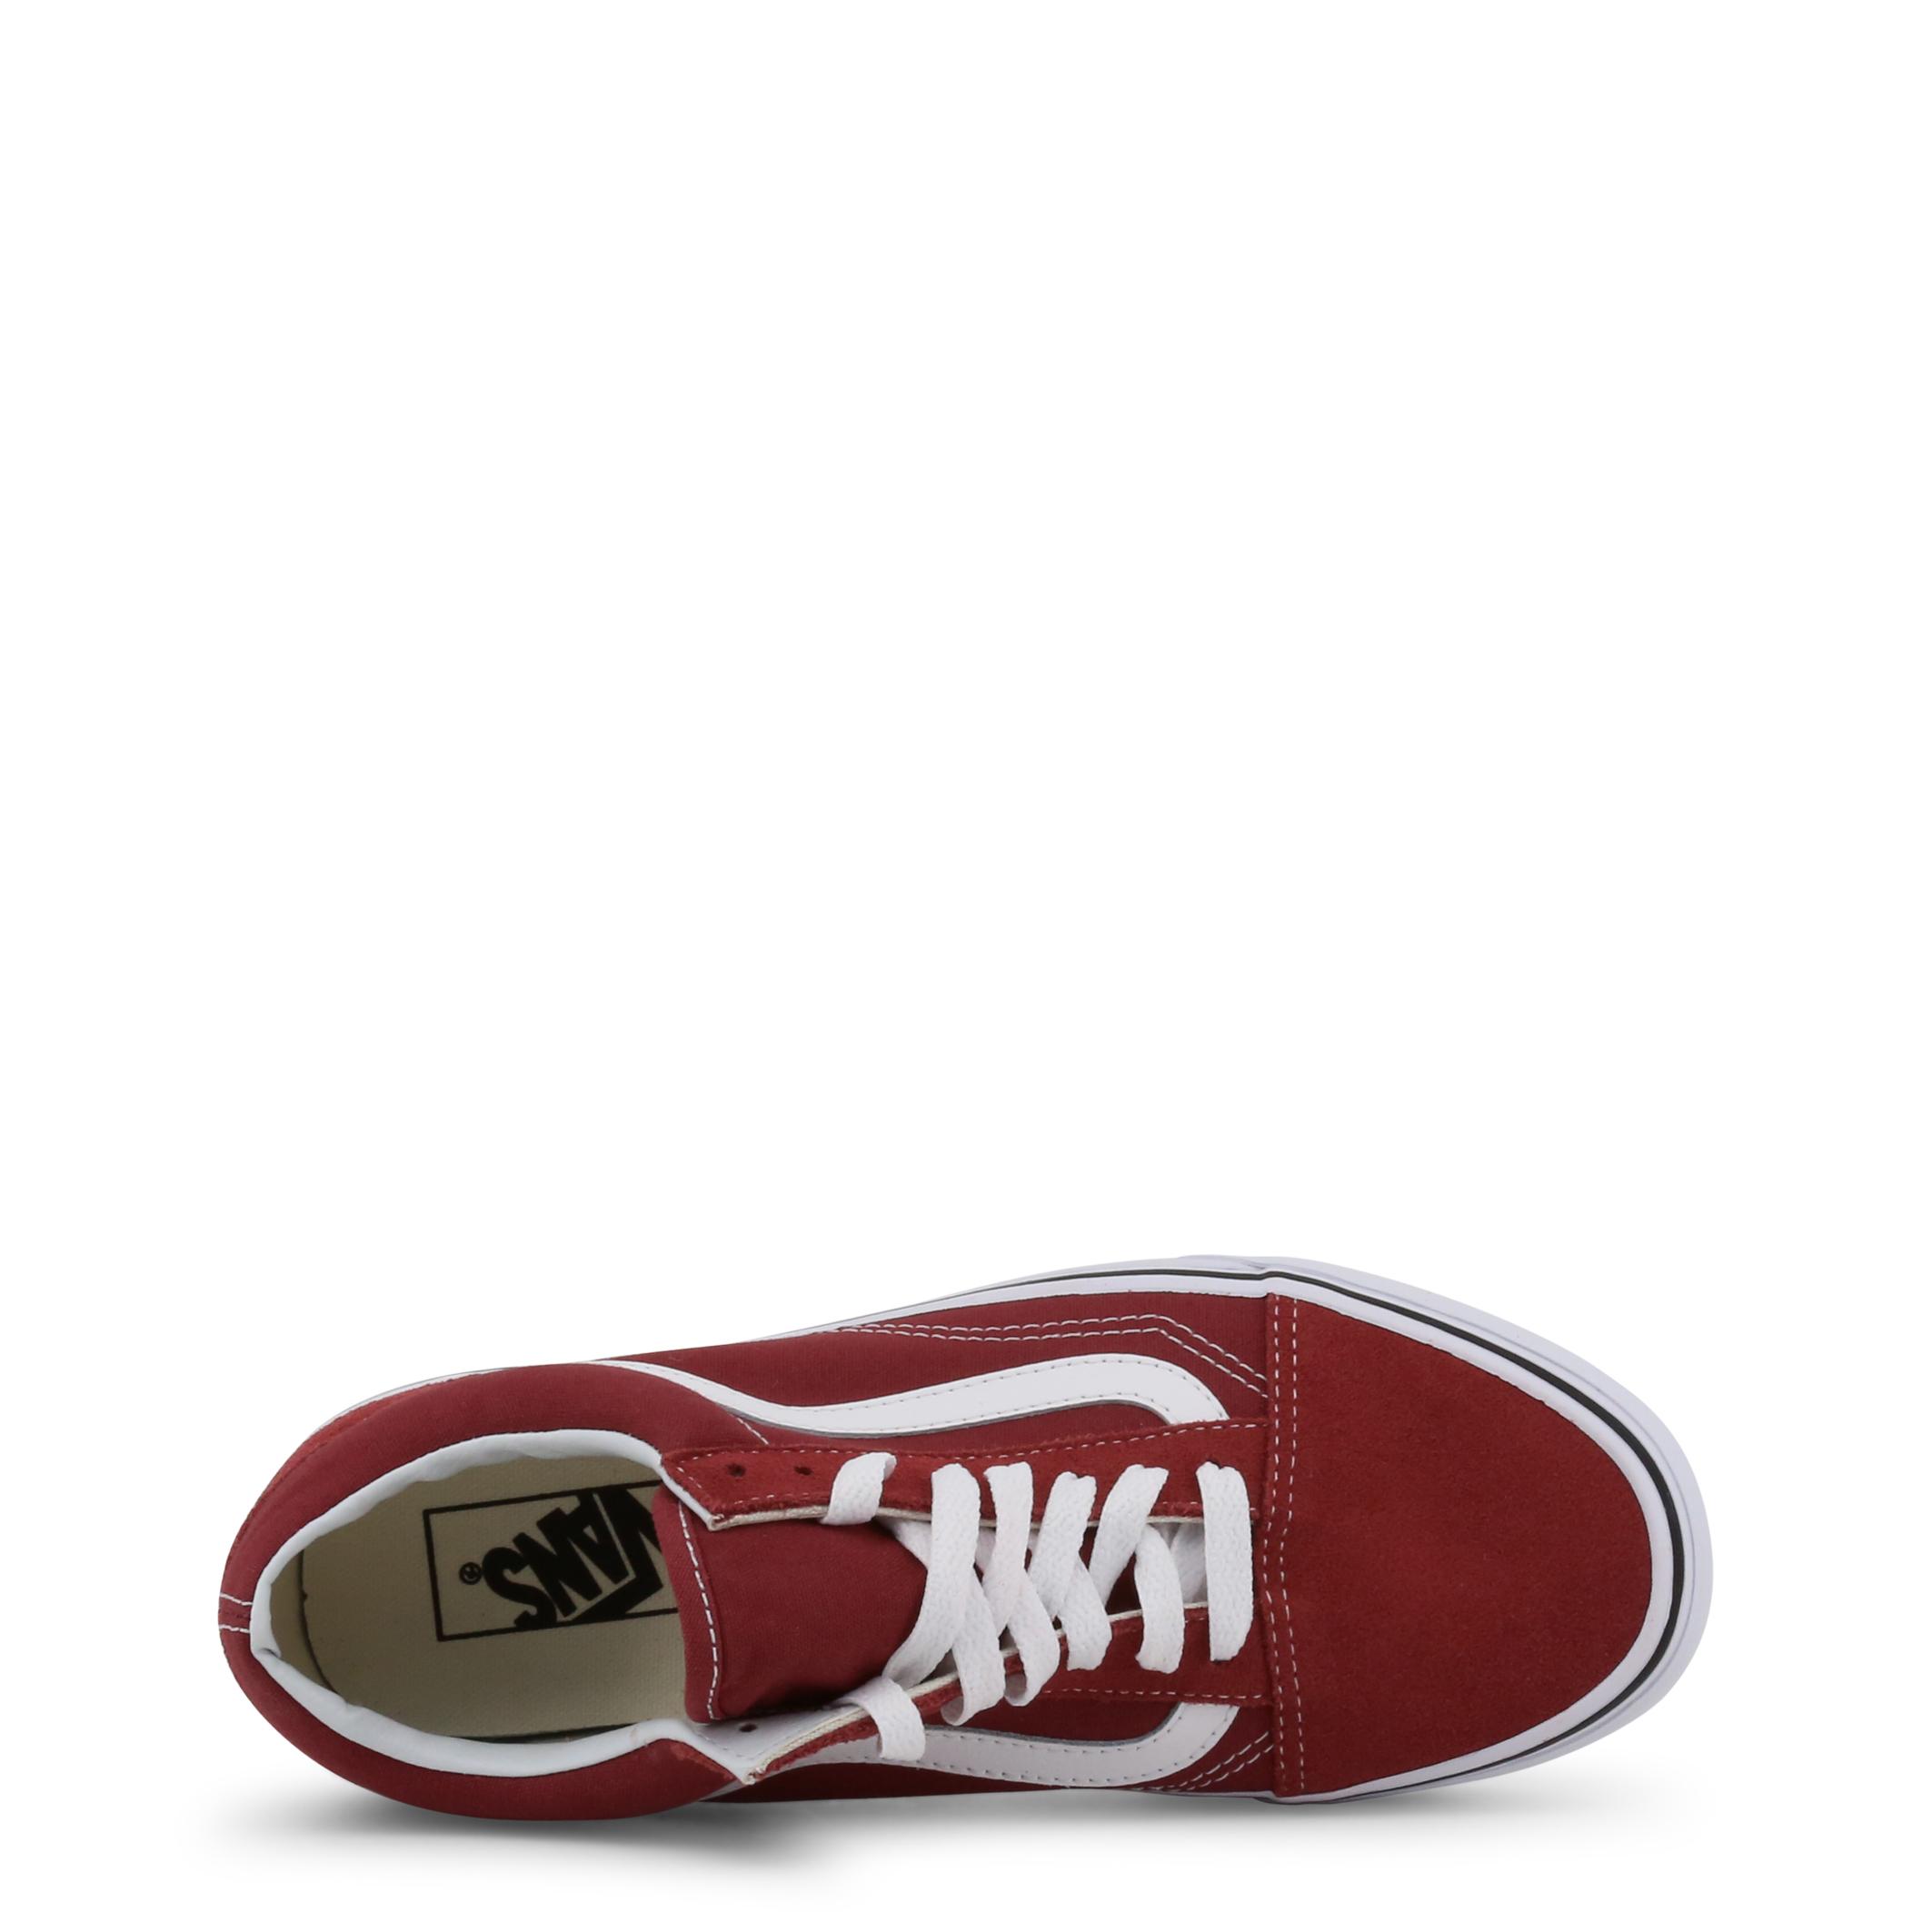 Baskets / Sport  Vans OLD-SKOOL red